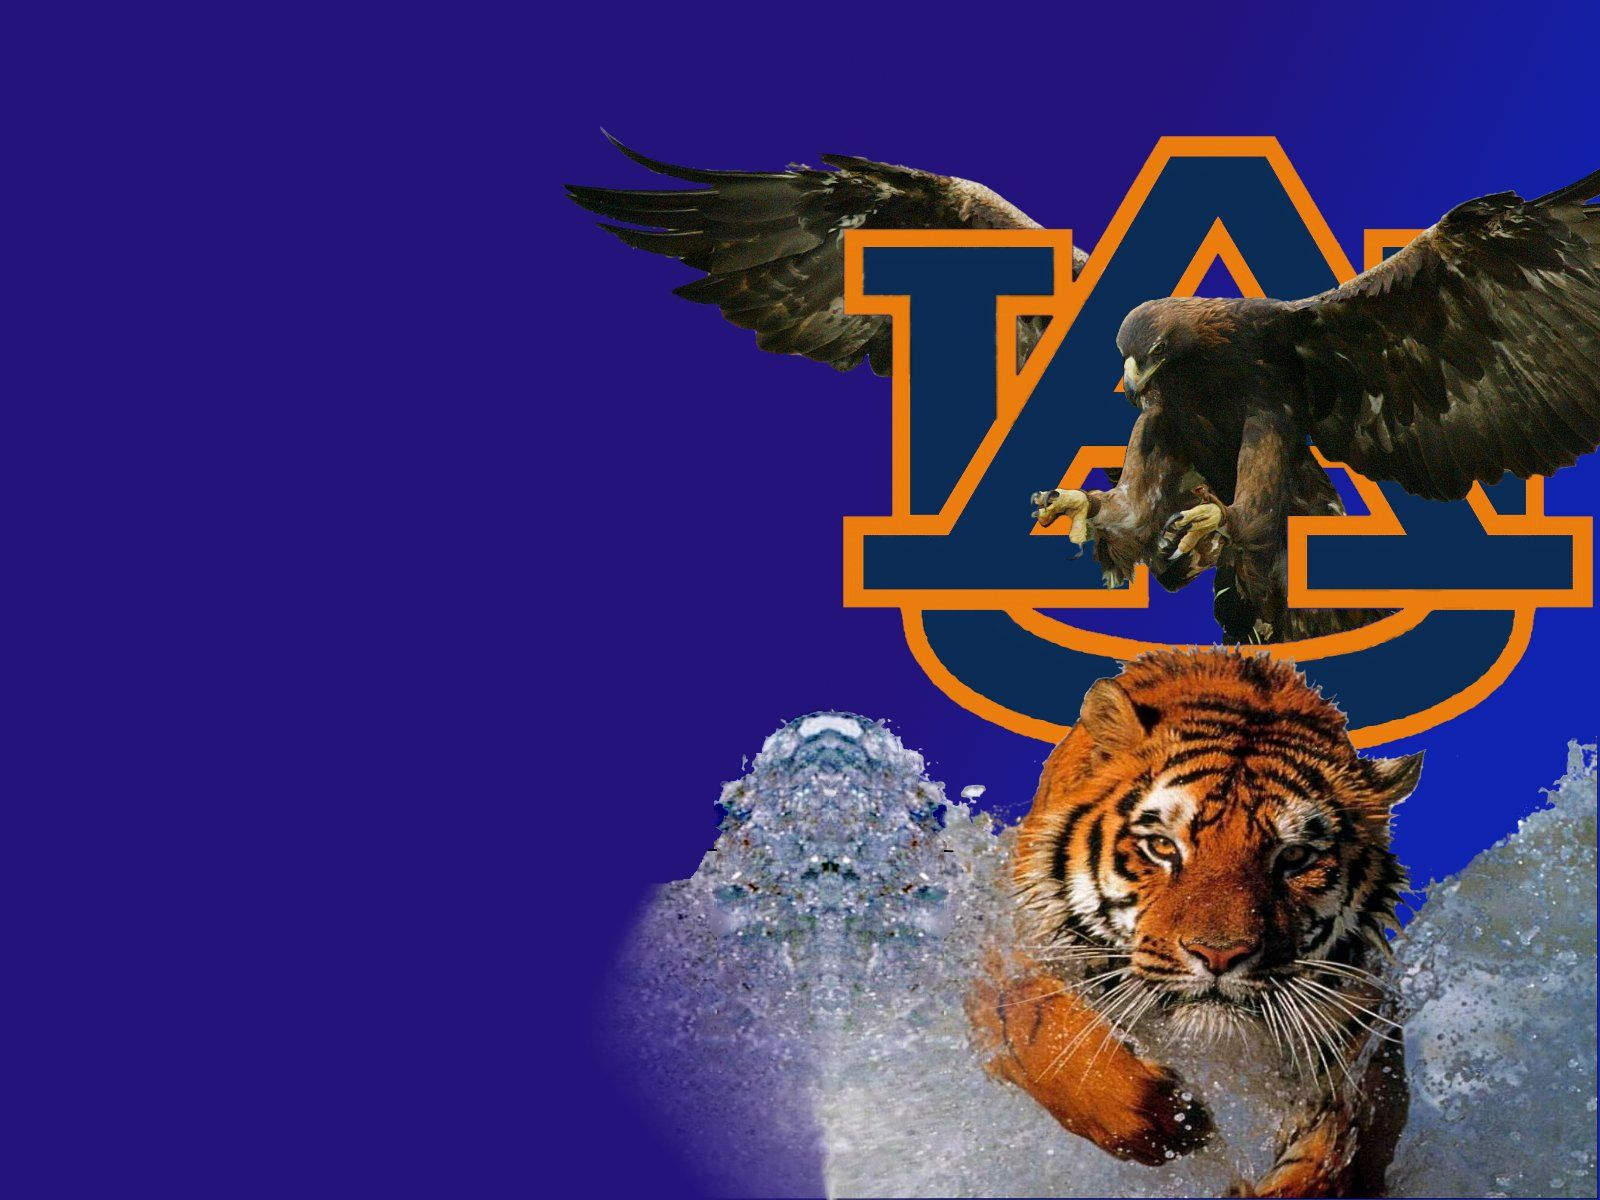 Auburn Tigers College Football Wallpaper 1920x1080 595717 Auburn Tigers Football War Eagle Auburn War Eagle